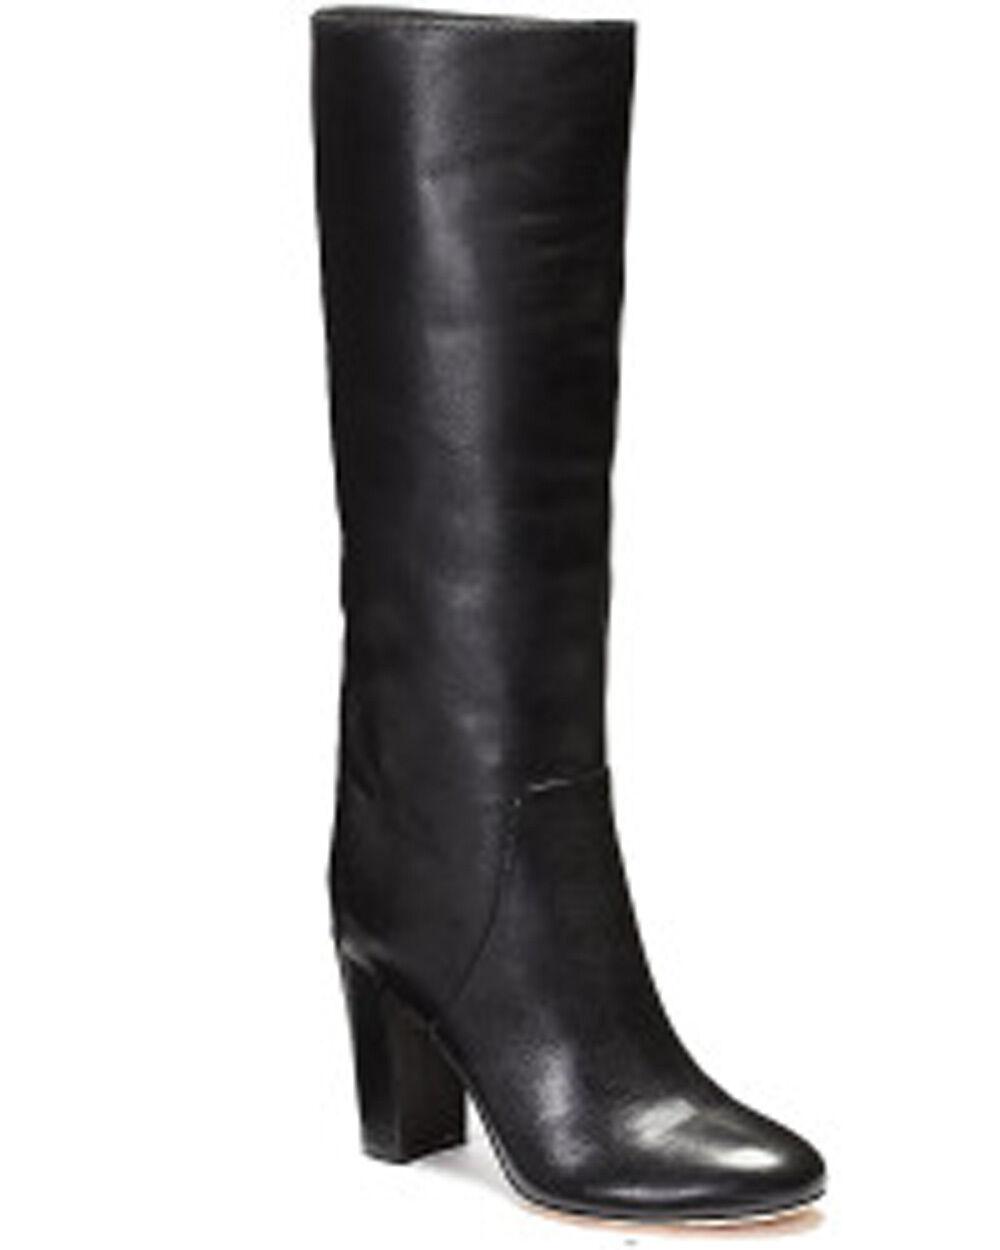 La nueva firma de VC Vince Camuto para mujer botas botas botas de cuero negro a  450 de ancho de la pantorrilla  exclusivo